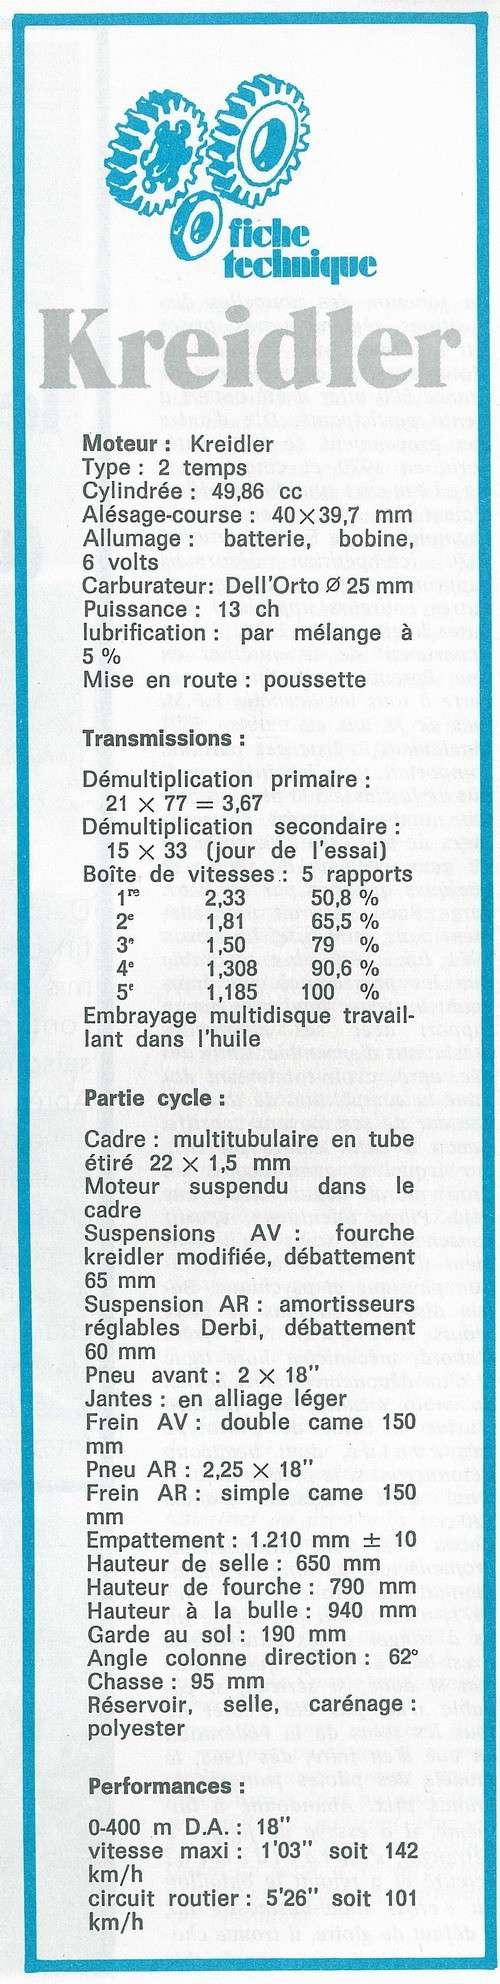 Le Kreidler Champion de France 1971 Des_ch22